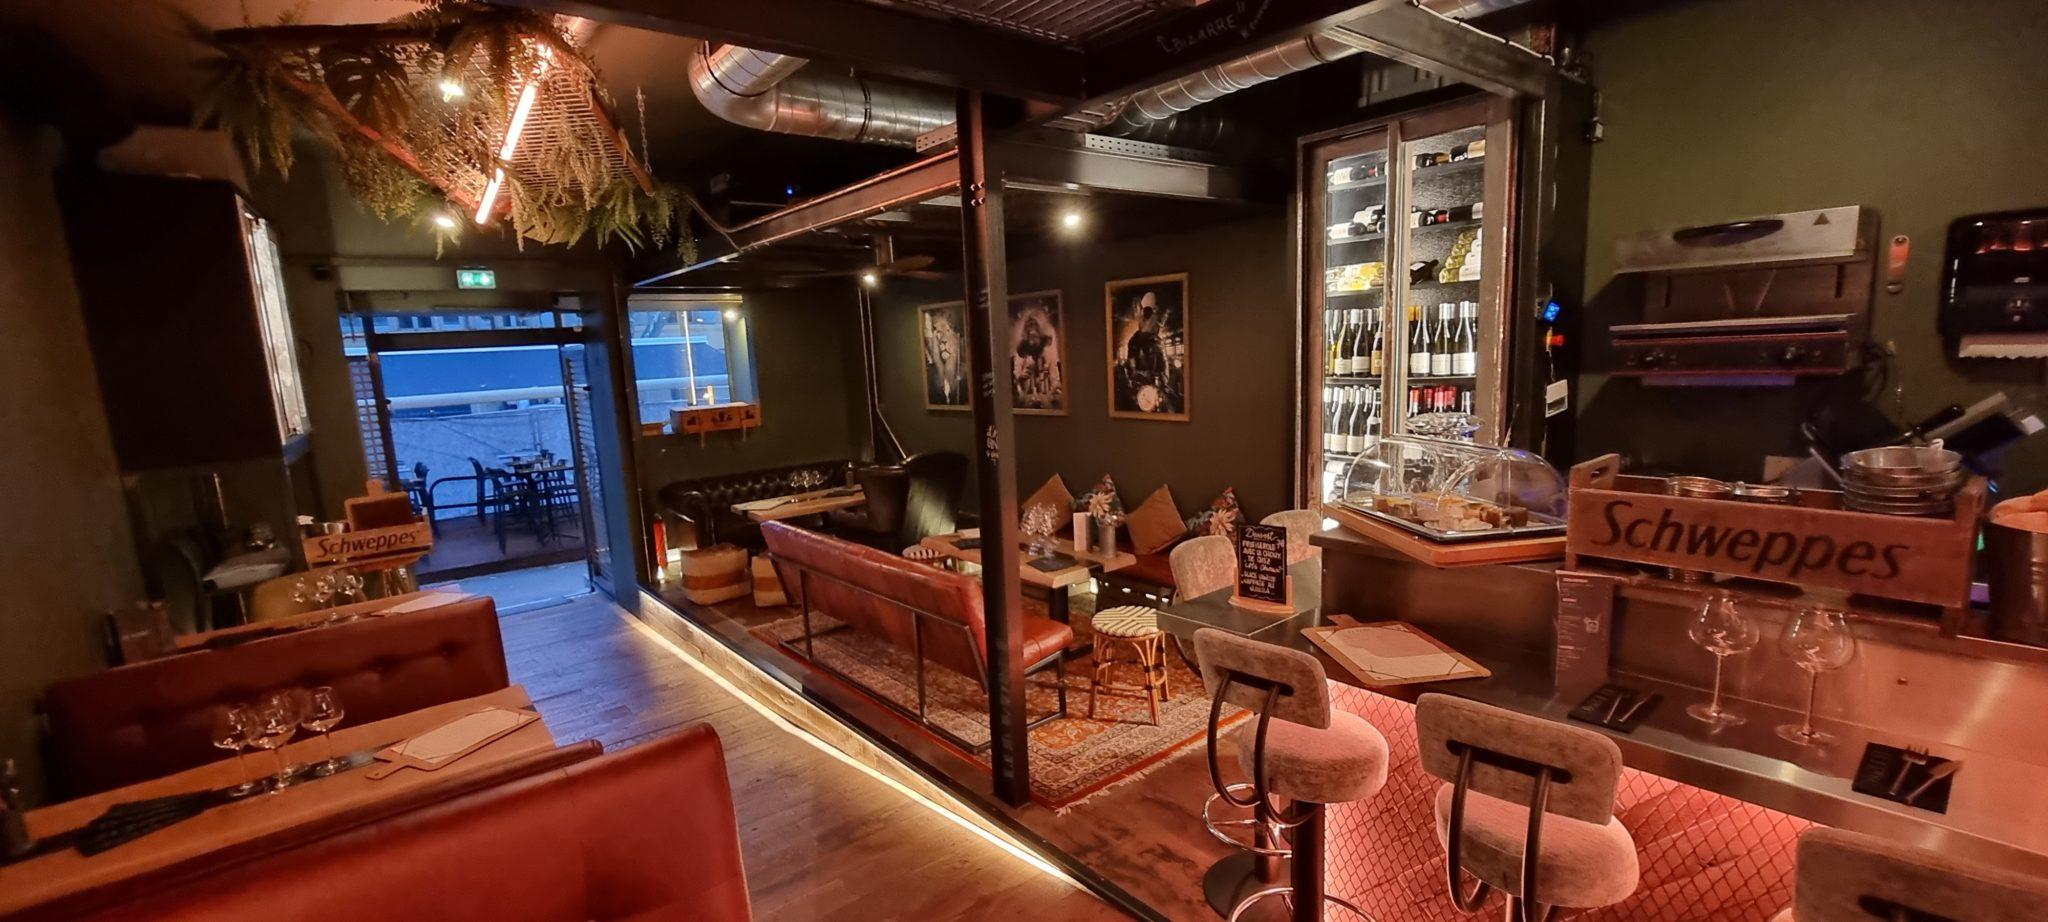 El primo bar à vin et tapas à Aix-en-Provence